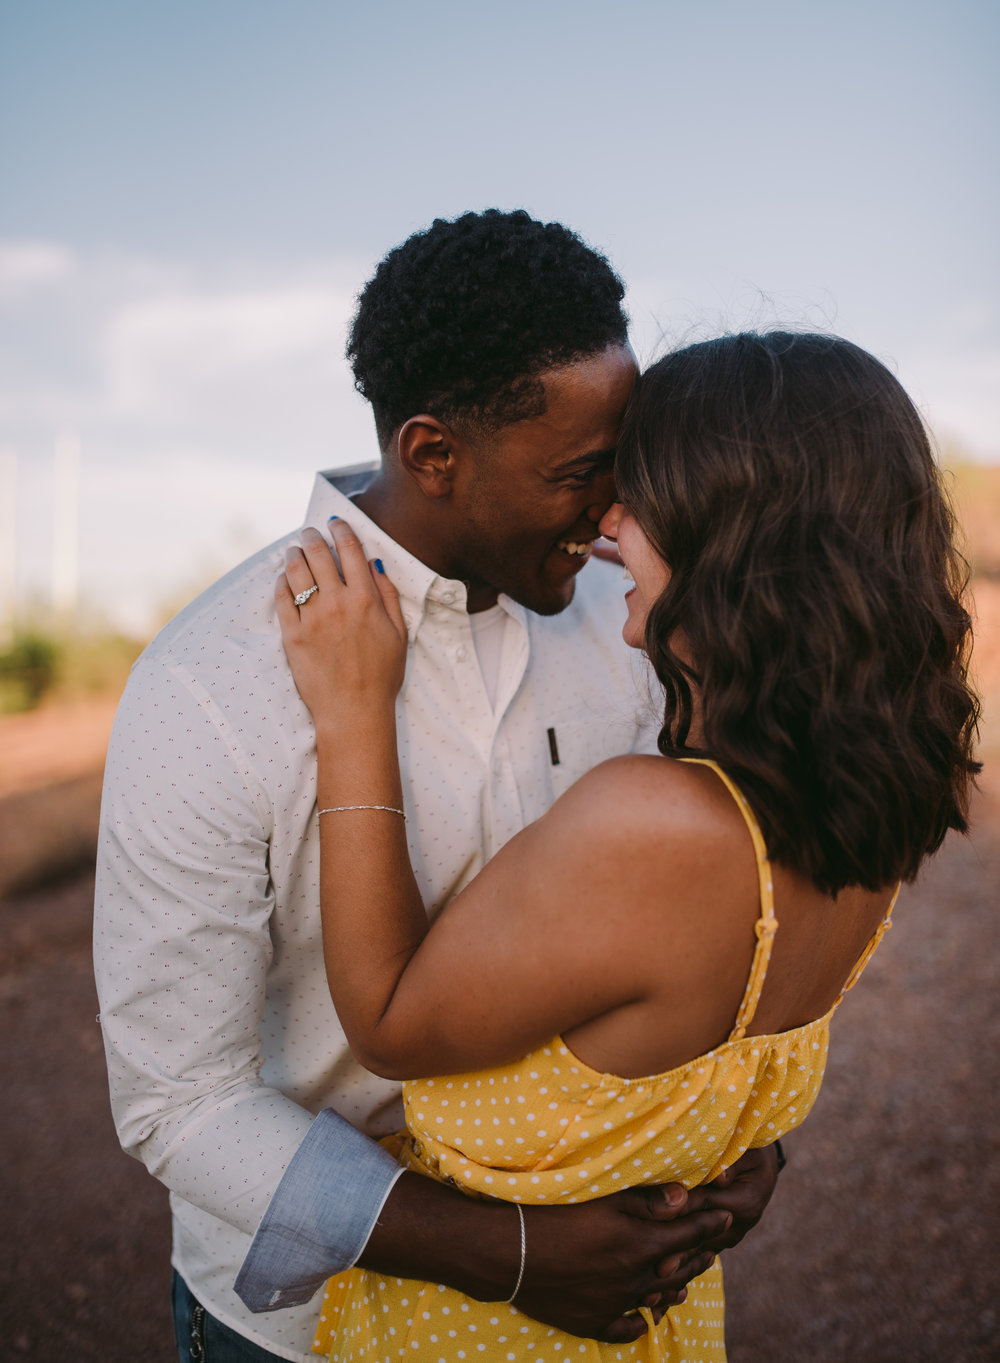 Jorey&Bryndon_EngagementSessionAtPapagoPark_July2018_PhoenixArizonaCouplesPhotographer_SamanthaRosePhotography_fina_018.JPG